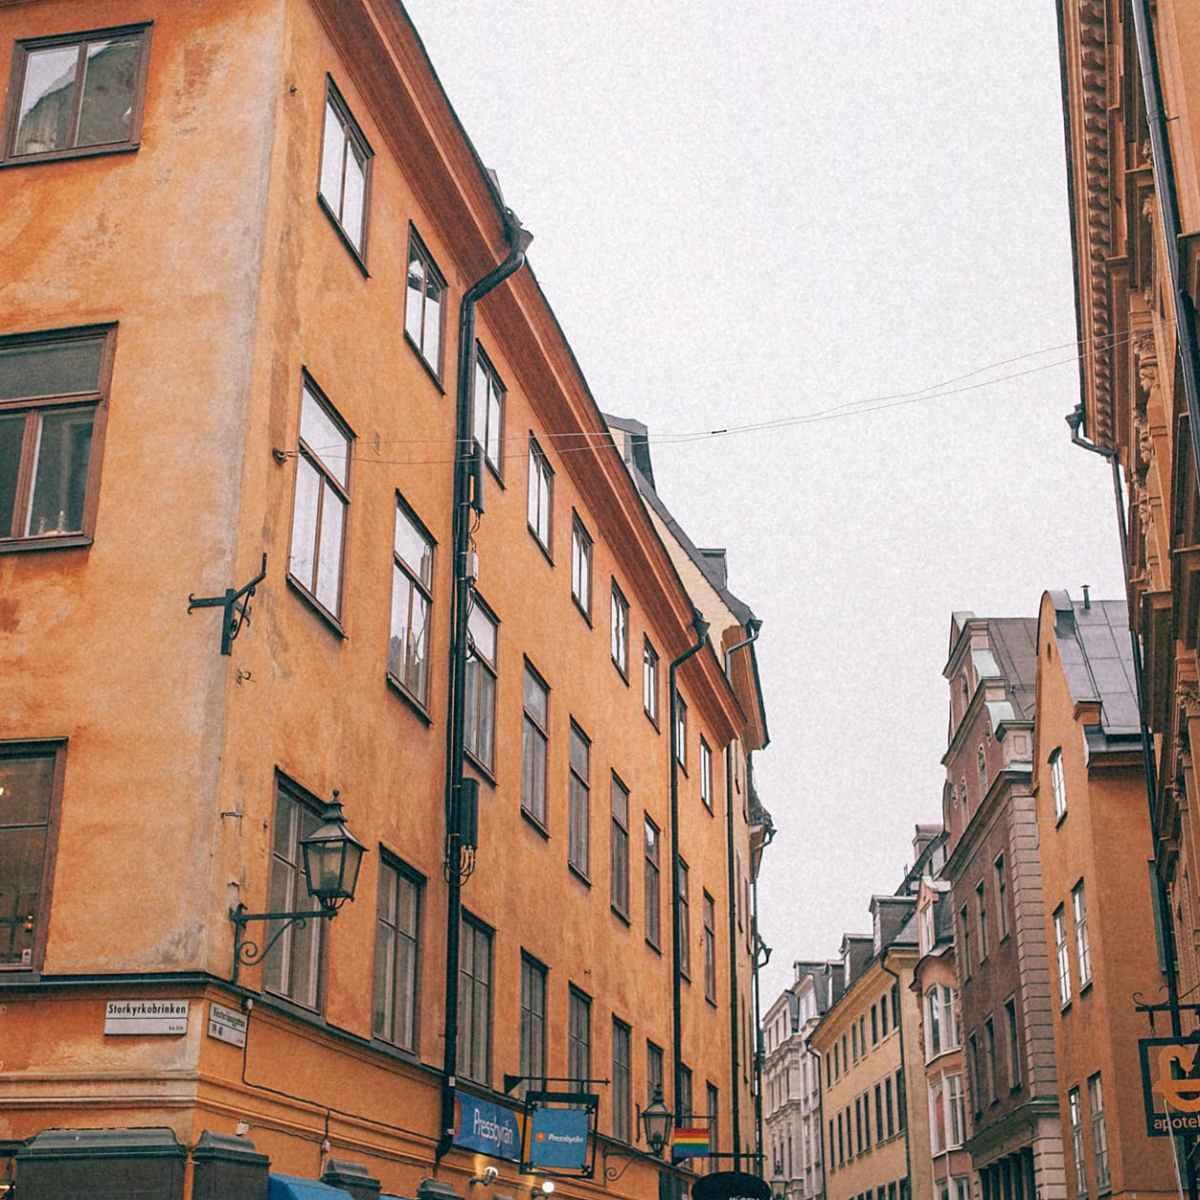 big residential buildings in old town